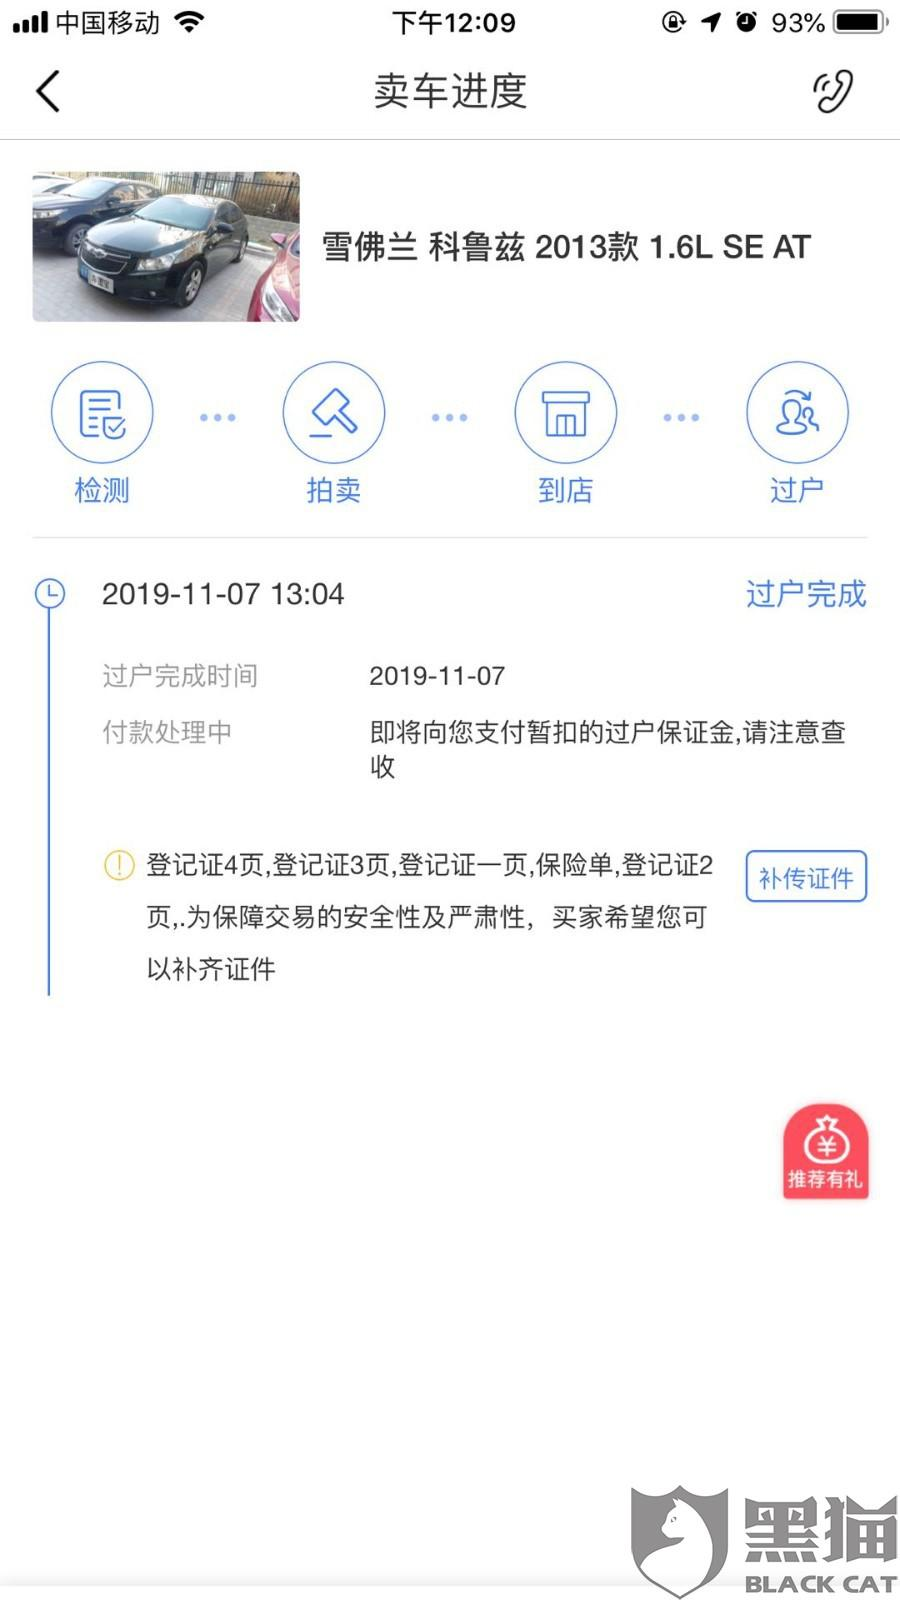 黑猫投诉:南京车置宝网络技术有限公司未按照合同约定支付余款